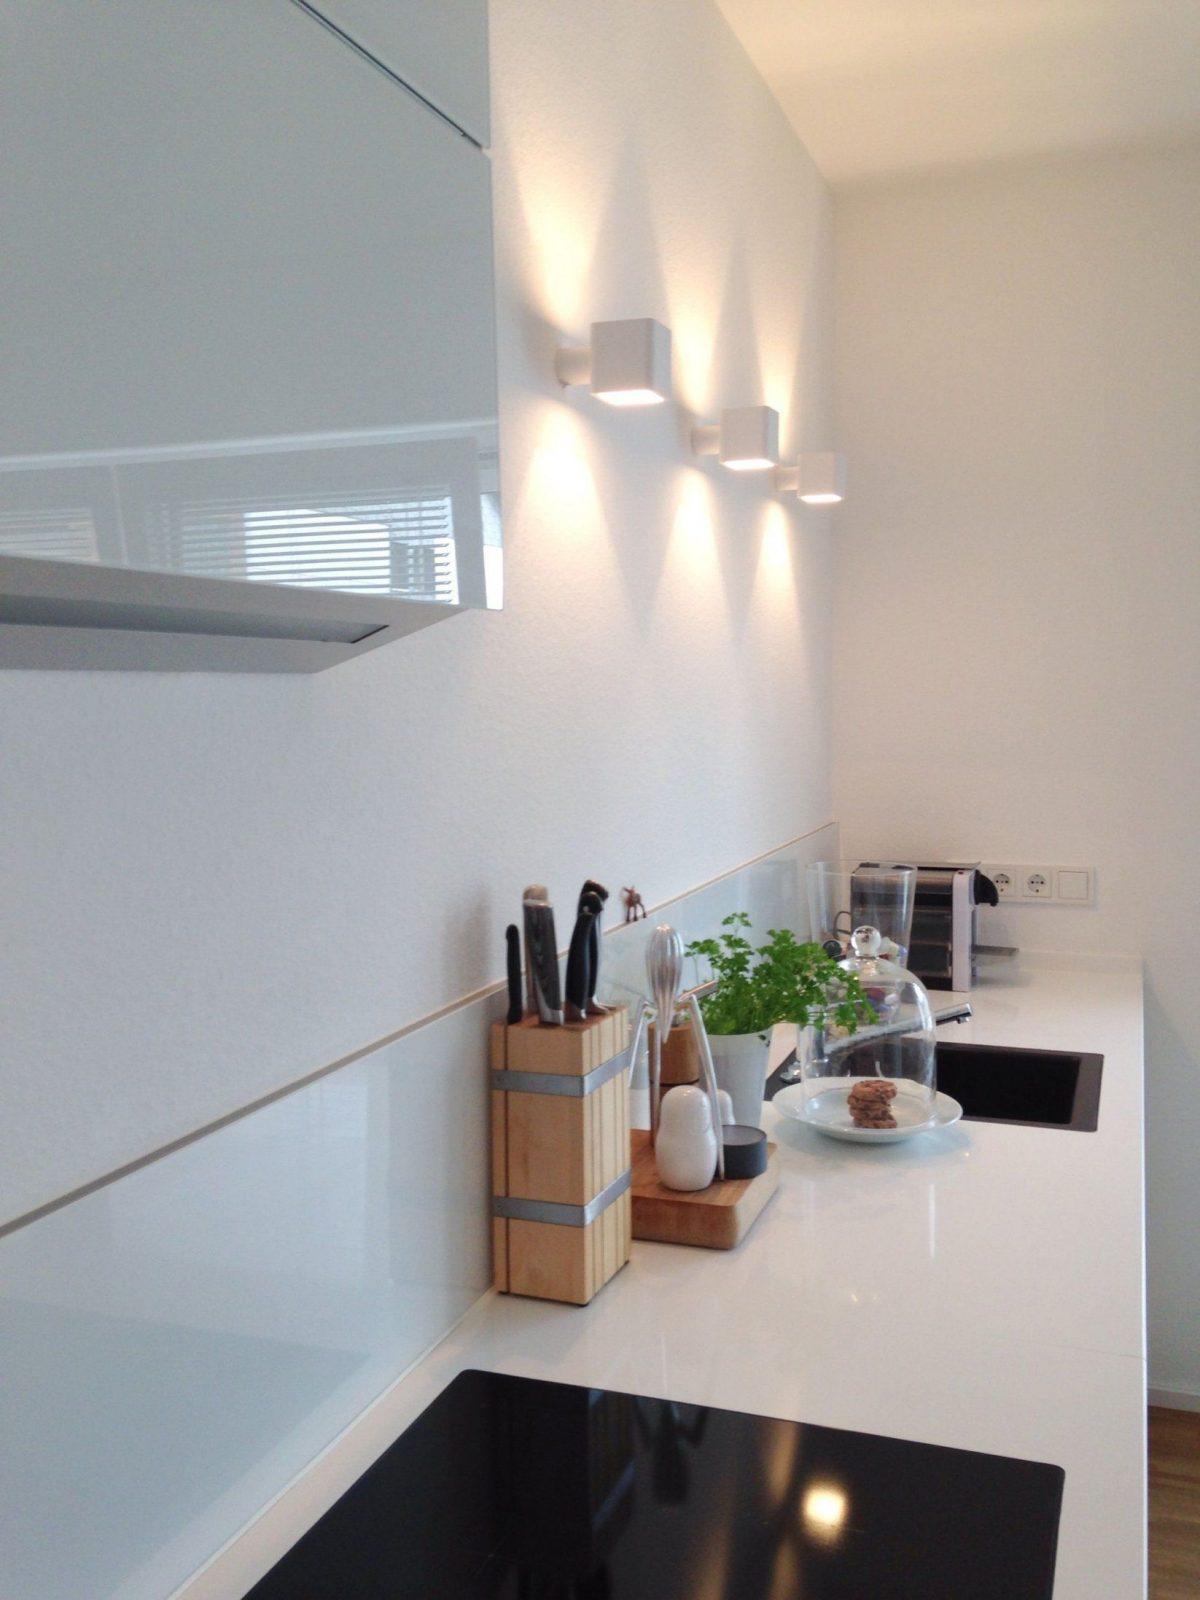 Ohne Oberschränke Glücklich  Oberschränke Glücklich Und Wände von Beleuchtung Küche Ohne Oberschränke Photo